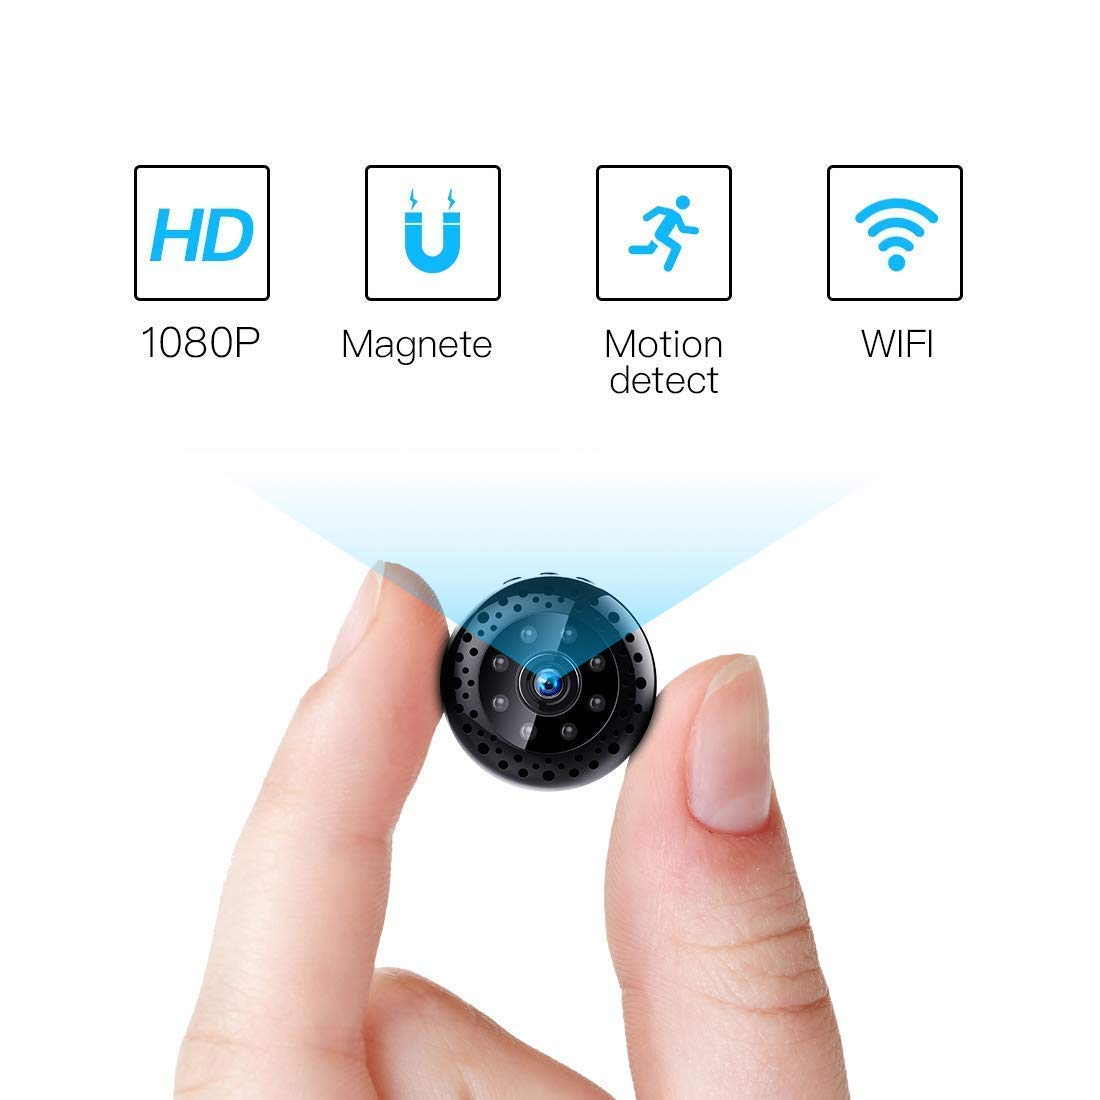 FREDI Cámara espía HD 1080P WiFi Cámara Videocámara Oculta Mini Cámara de vigilancia inalámbrica Seguridad para Interiores Visión Nocturna: Amazon.es: ...